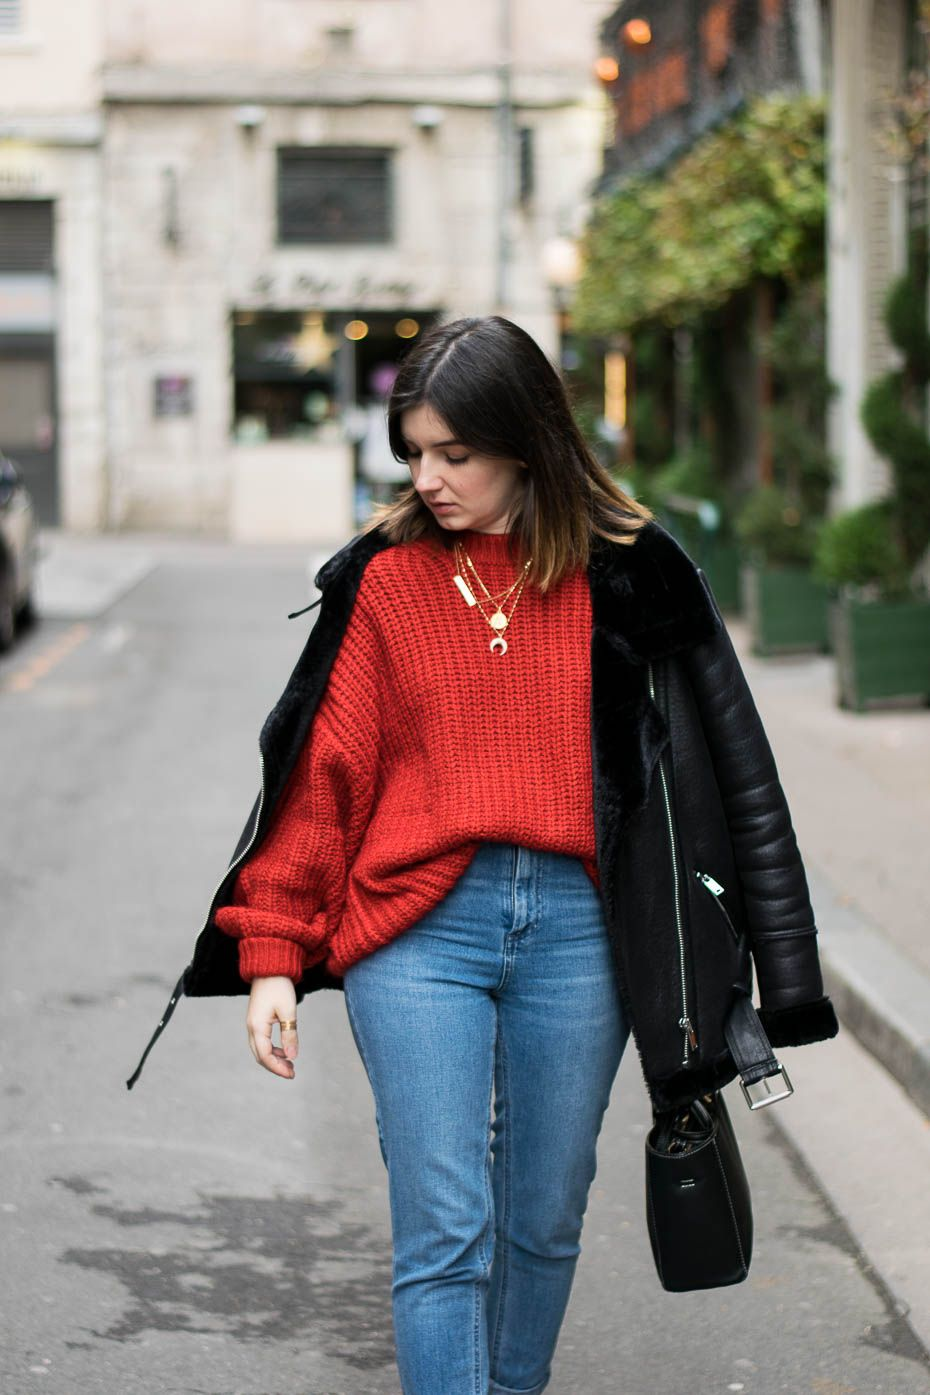 vente chaude en ligne 055d7 b987c Épinglé sur Latest Fashion Trends For Women